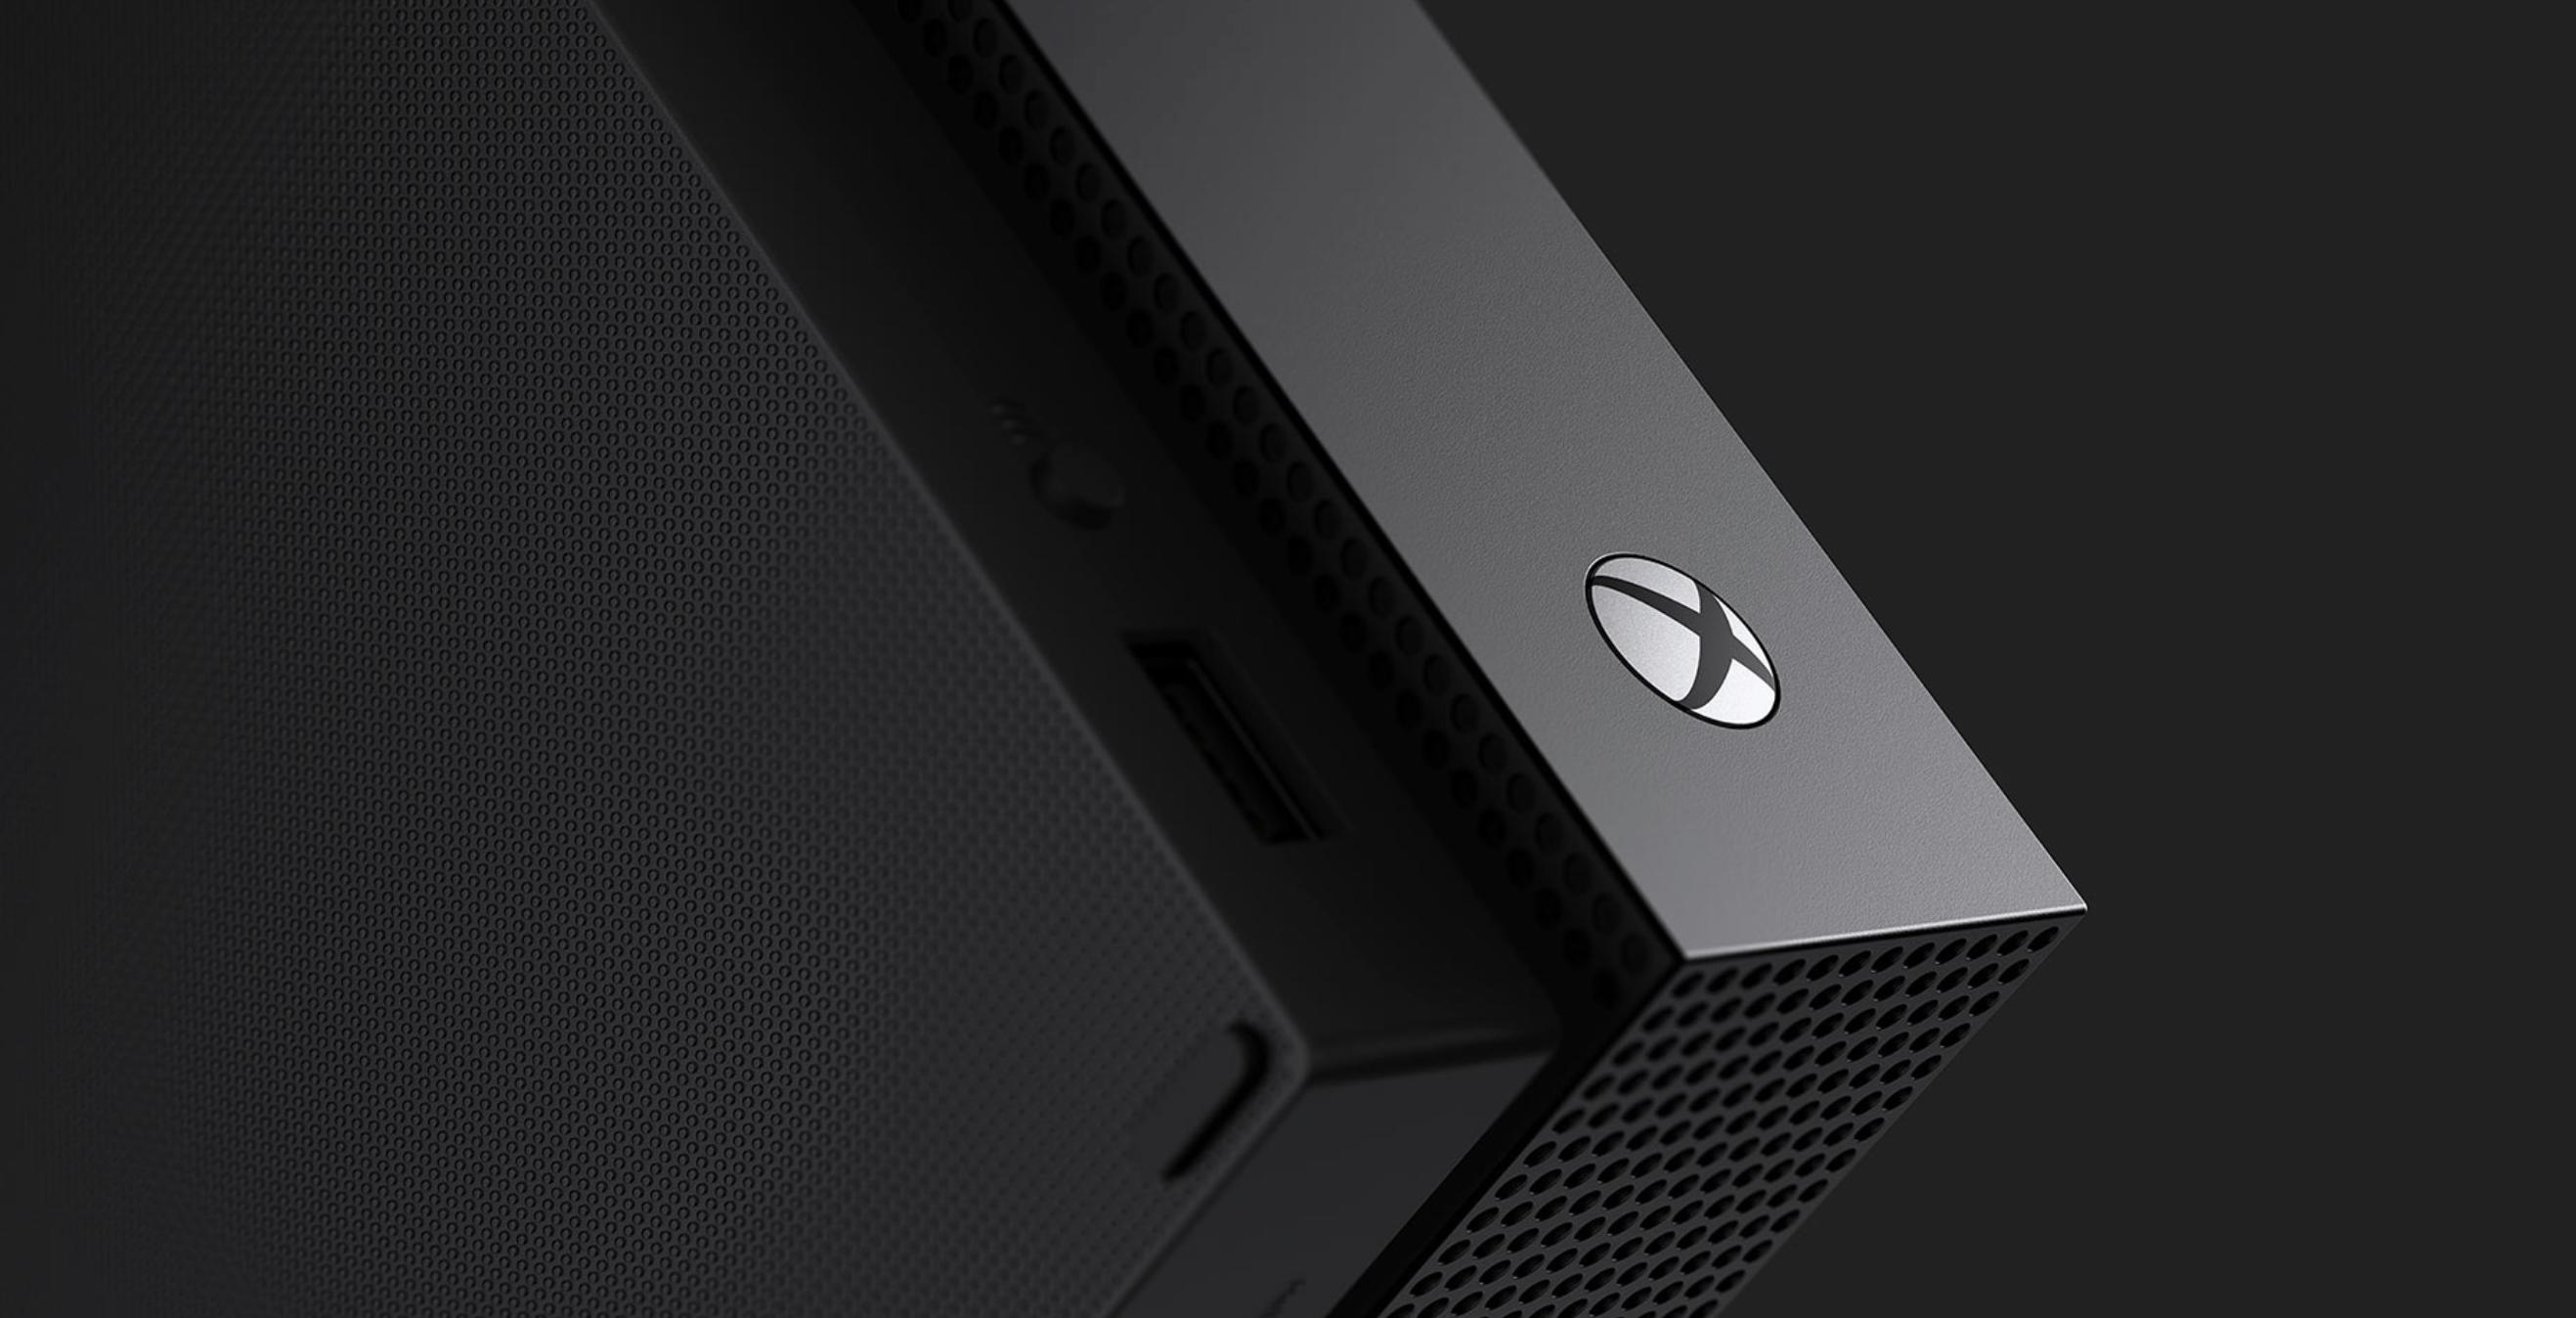 Foyer Wallpaper Xbox One : La xbox one améliore aussi les jeux mais pas